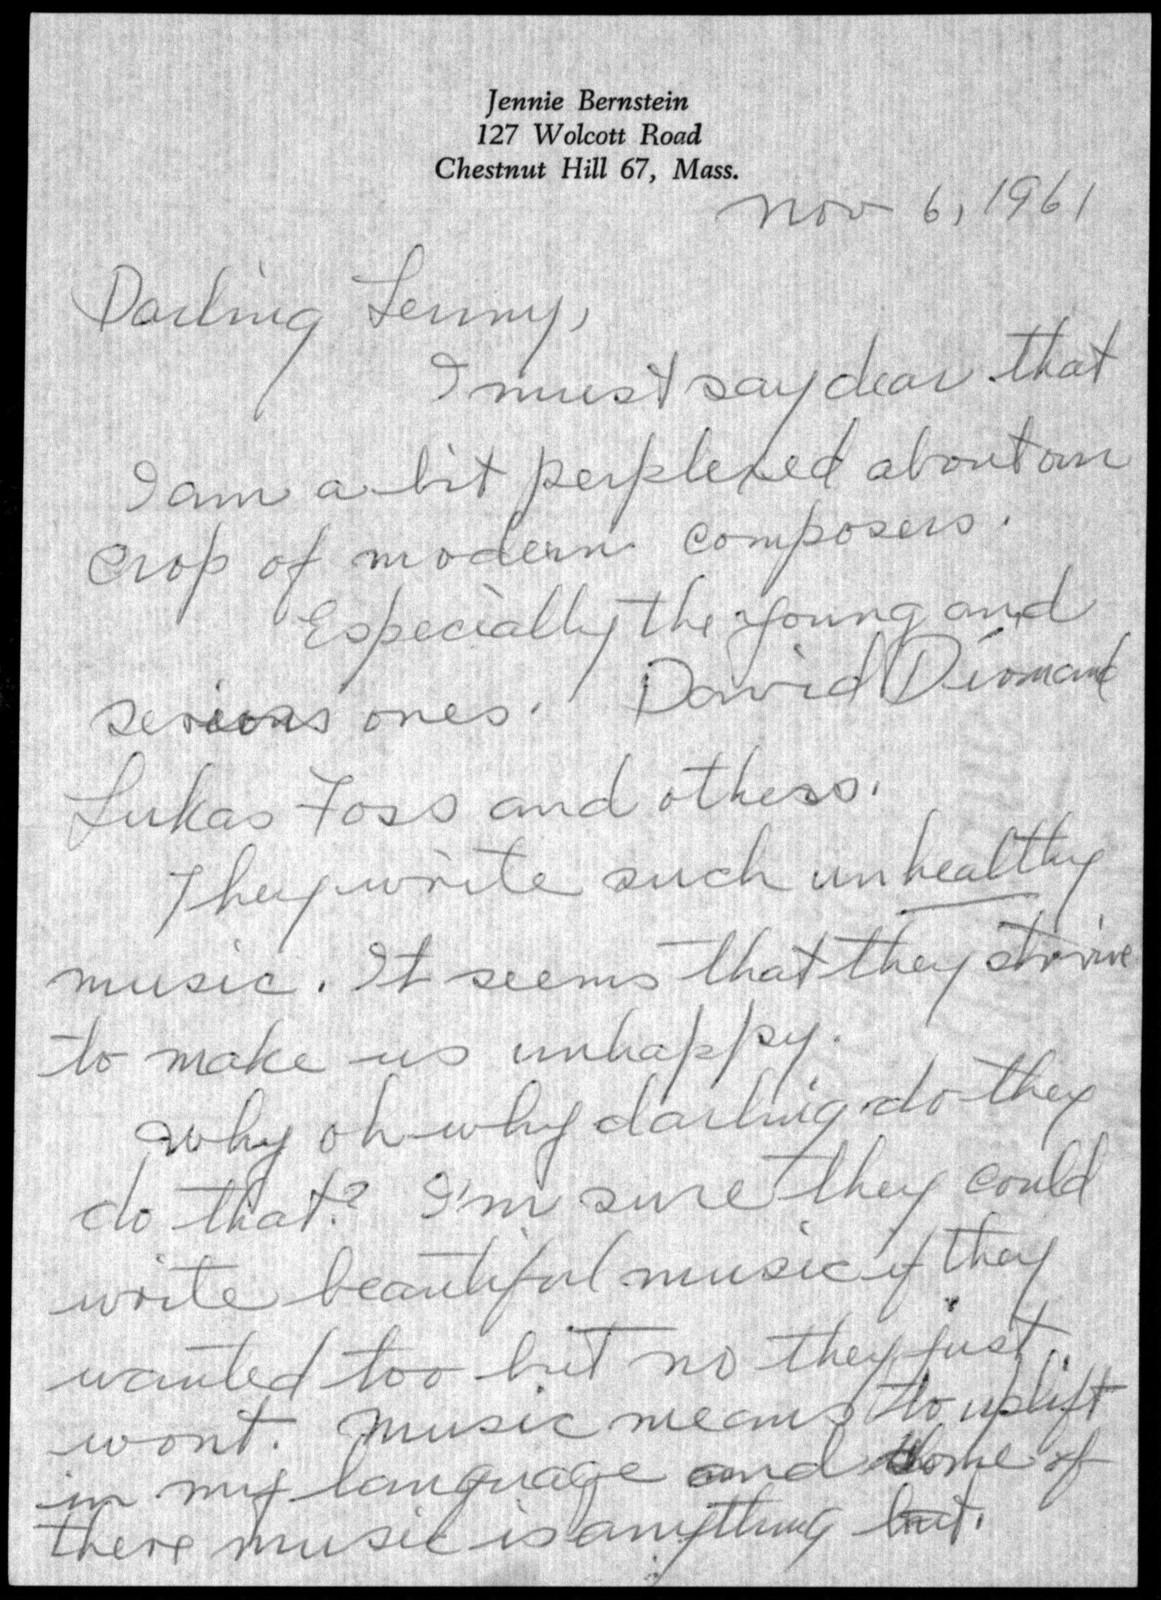 Letter from Jennie Bernstein to Leonard Bernstein, November 6, 1961